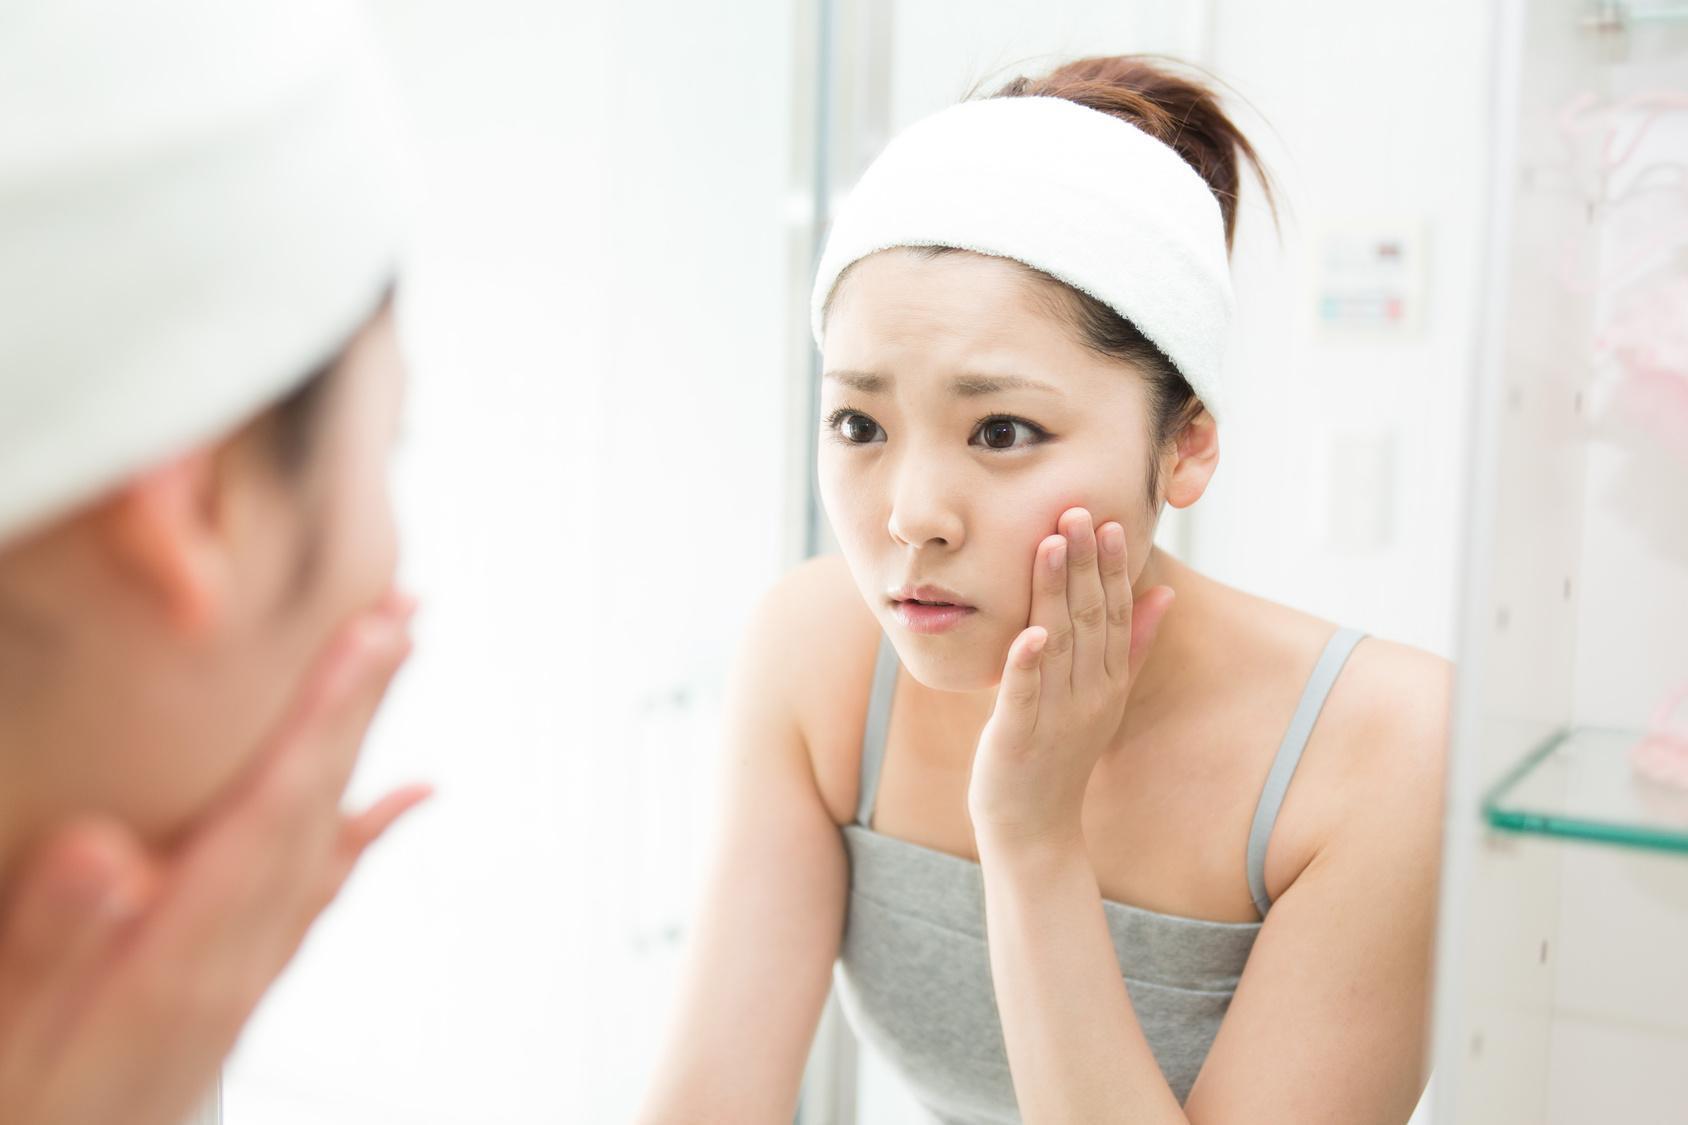 Nếu có những dấu hiệu này thì chứng tỏ cách chăm sóc da của bạn đang diễn ra hiệu quả - Ảnh 2.